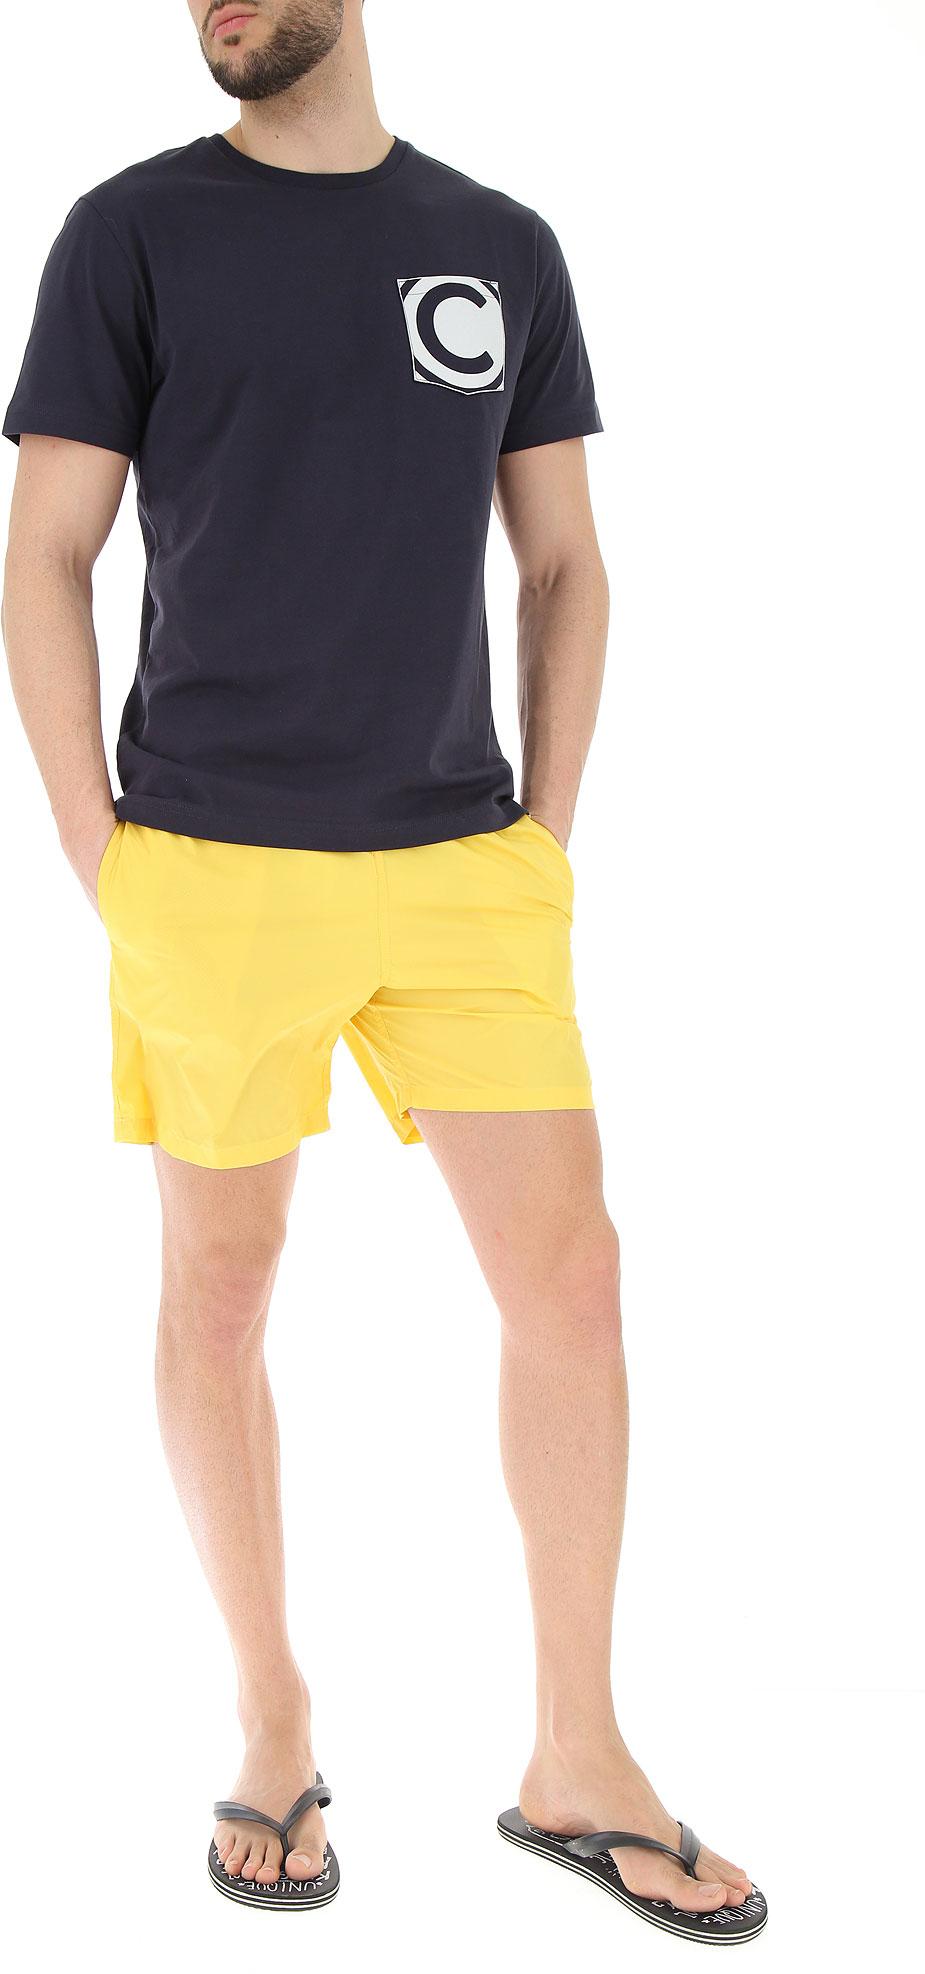 Colmar 7588 Abbigliamento Uomo Uomo 68 Abbigliamento 3si Articolo Codice wUZYUt7x